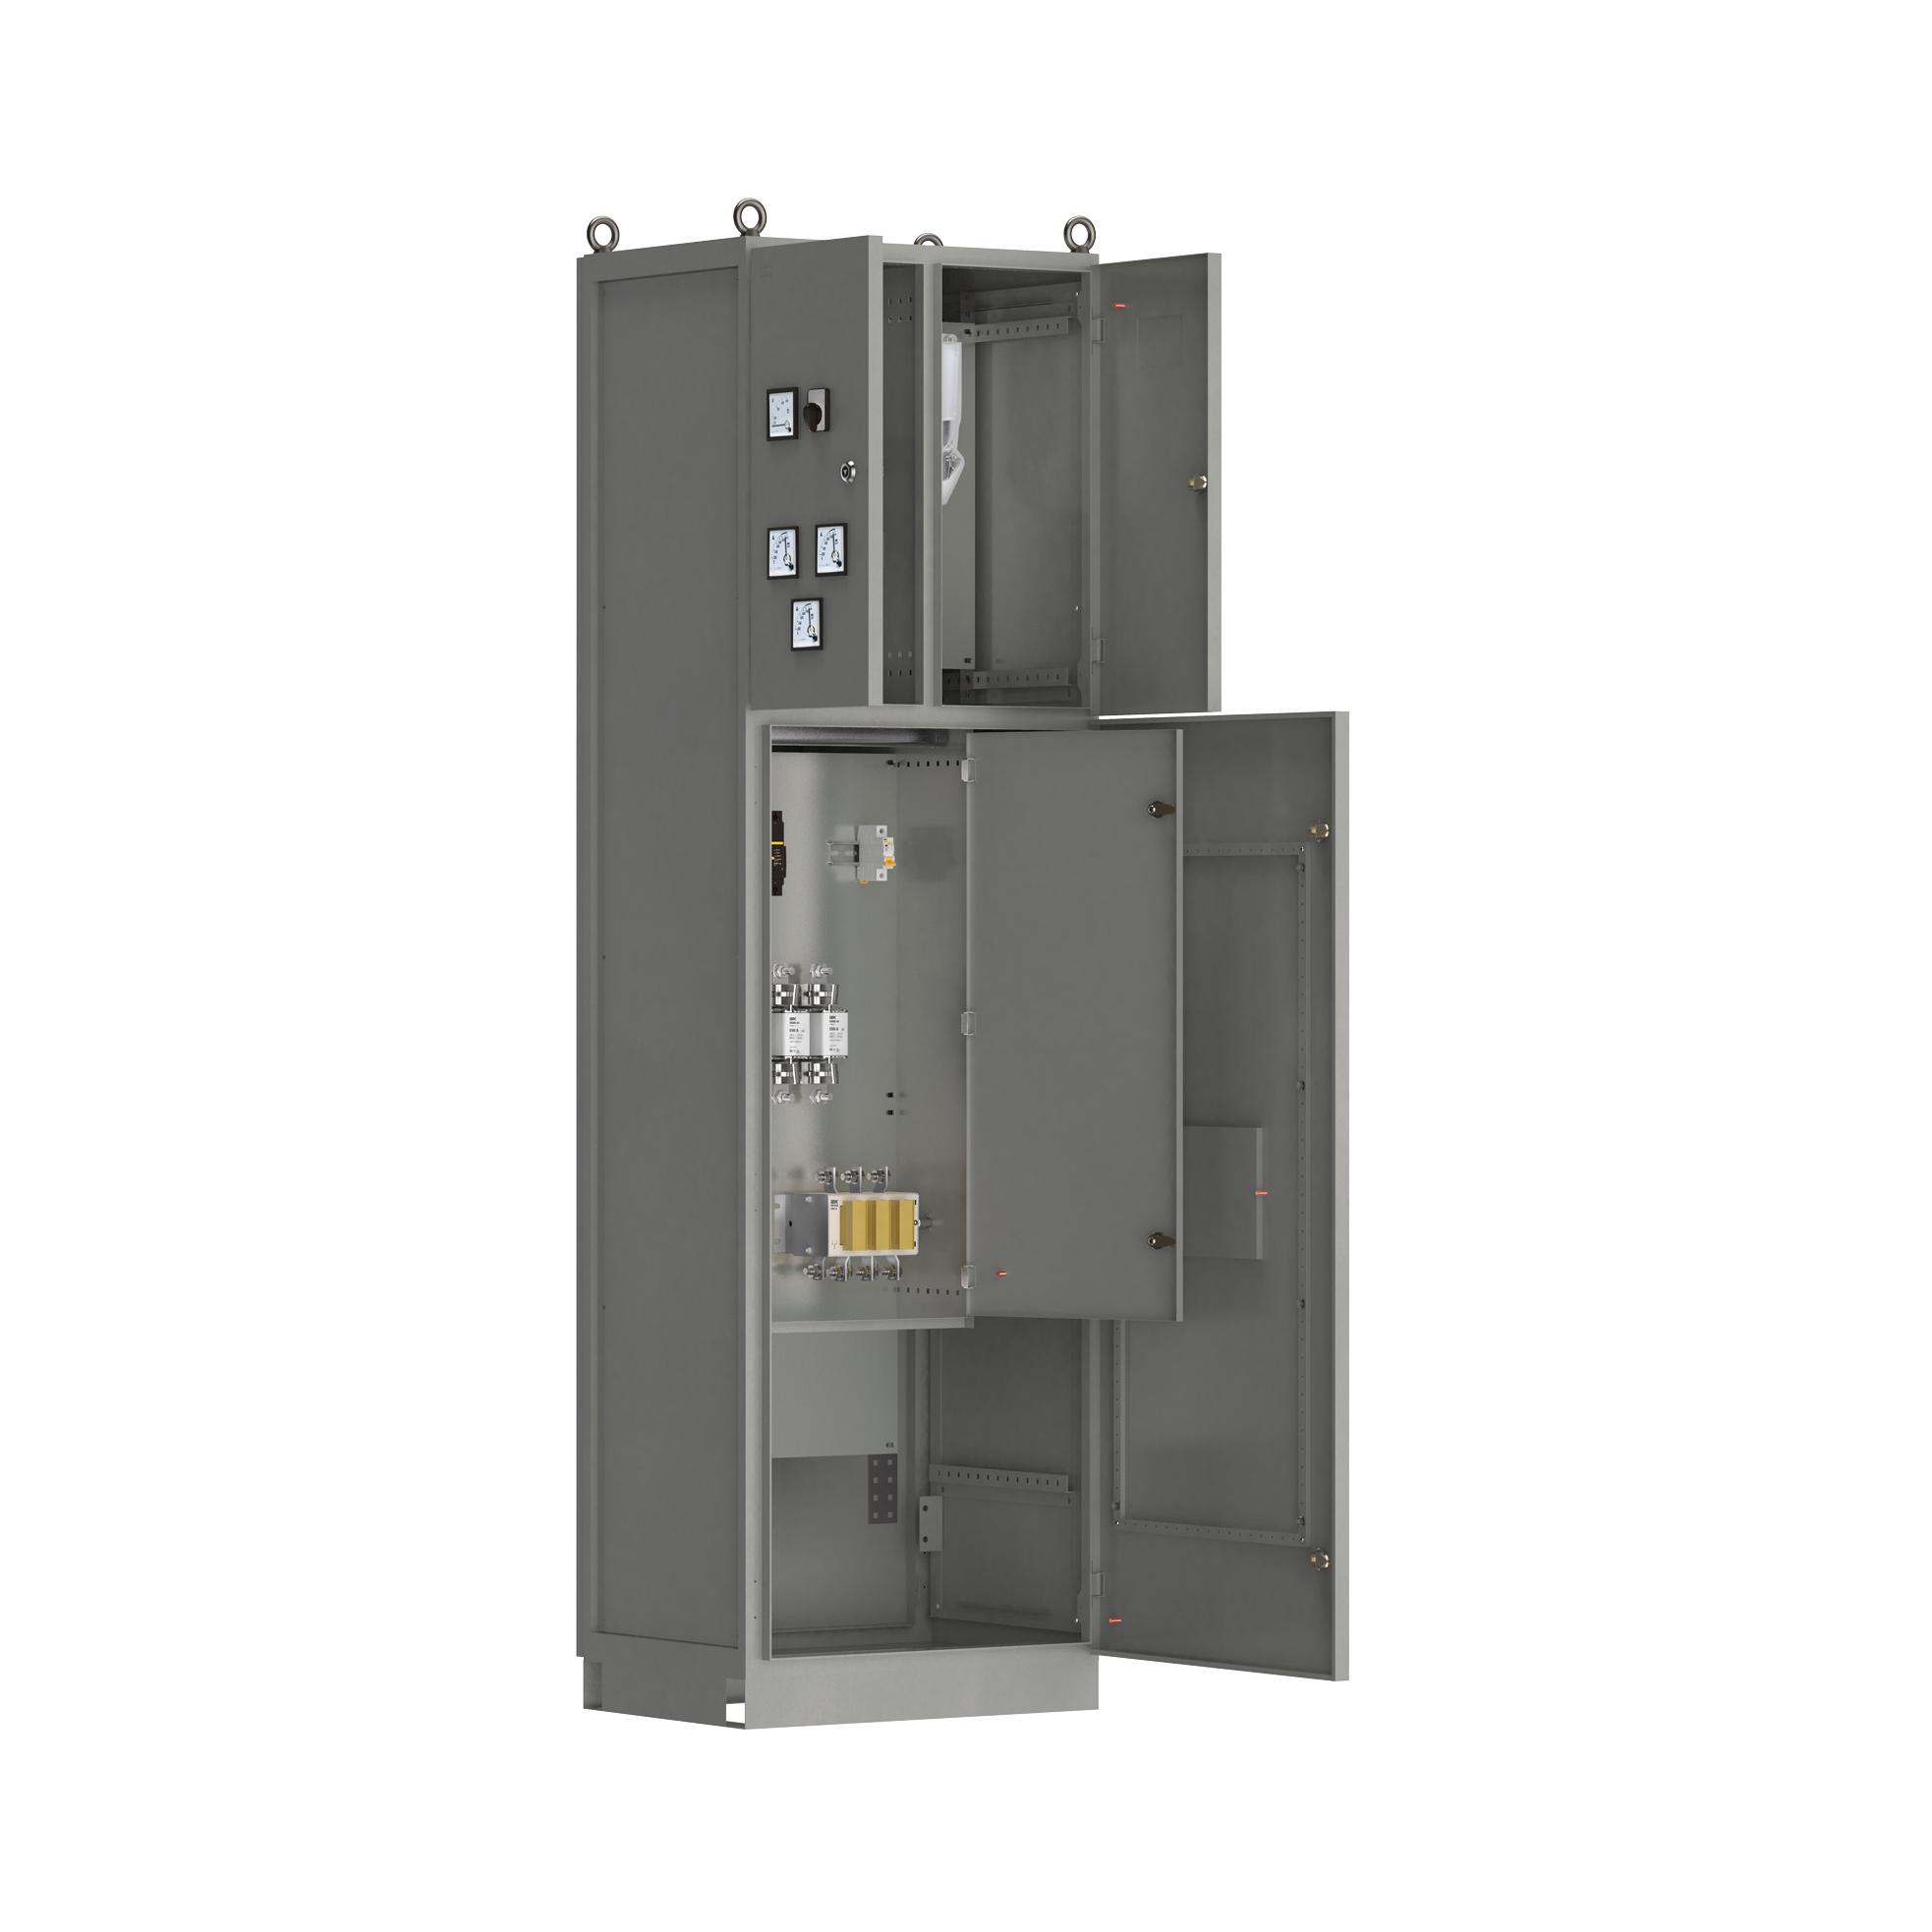 Панель вводная ВРУ-8503 МУ 2ВП-6-25-0-30 рубильник 1х250А плавкие вставки 3х250А выключатели автоматические 1Р 1х6А 3Р 1х125А и учет IEK